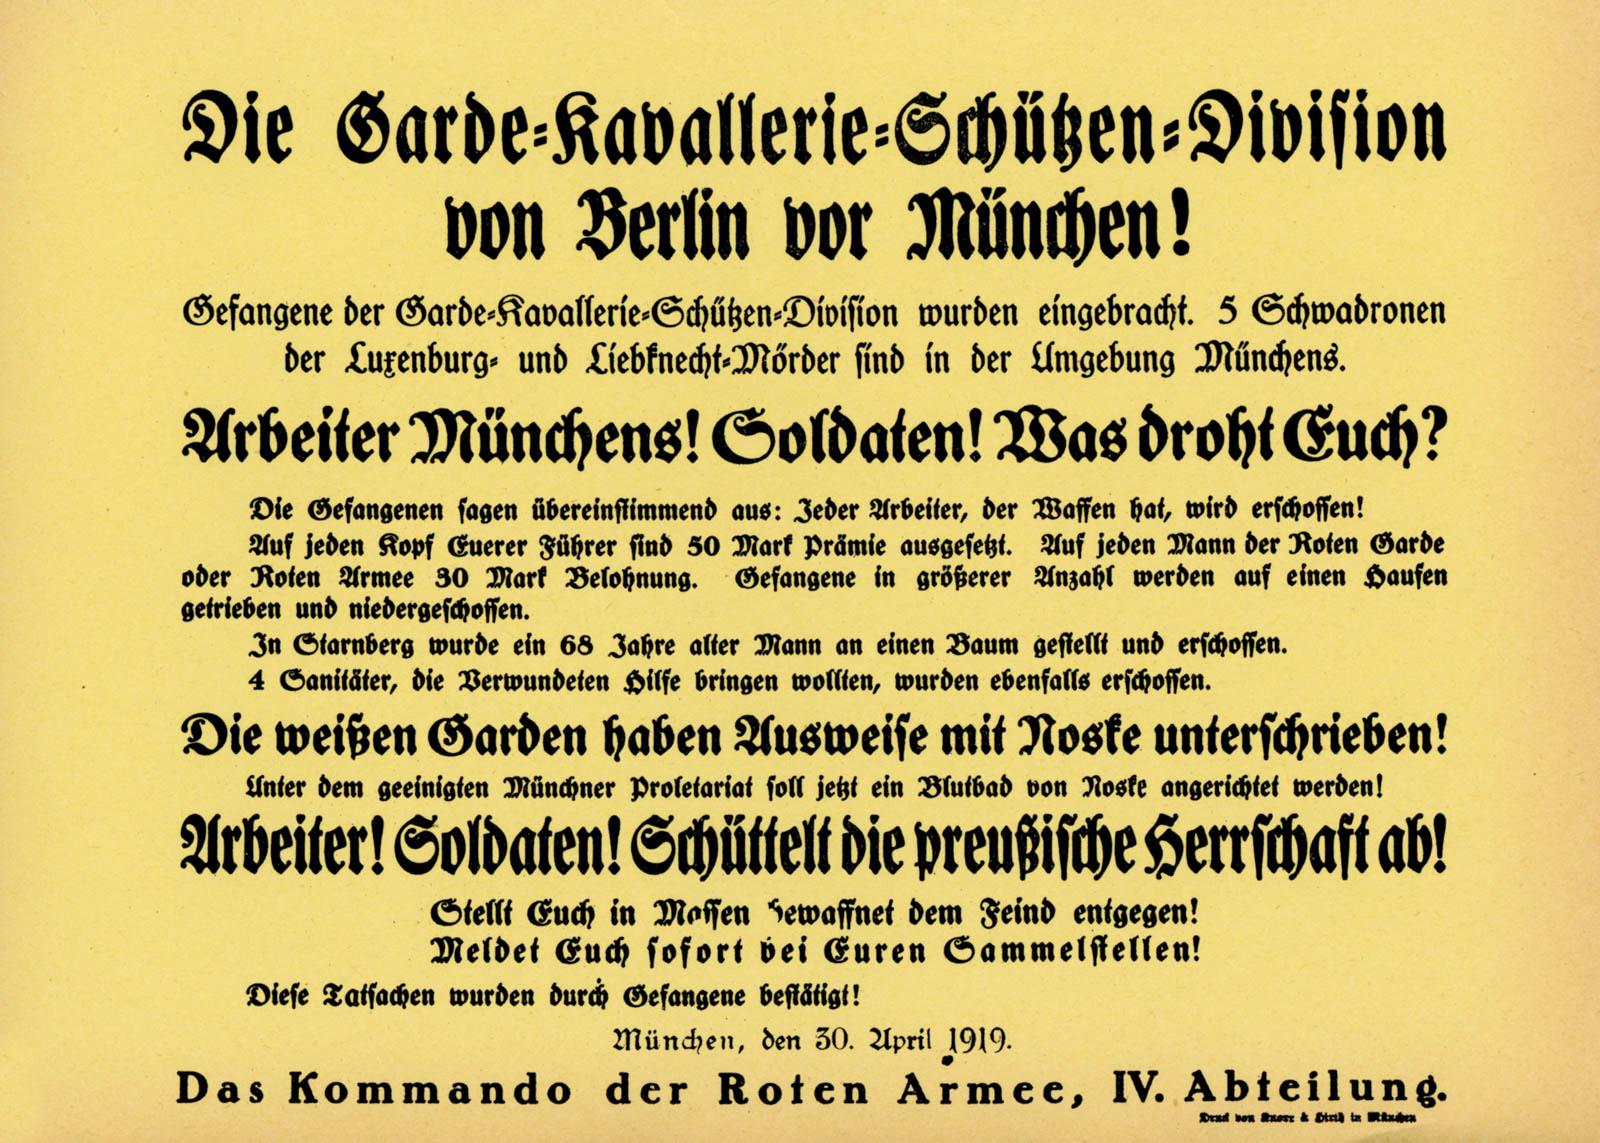 Die Garde-Kavalerie-Schützen-Division von Berlin vor München!